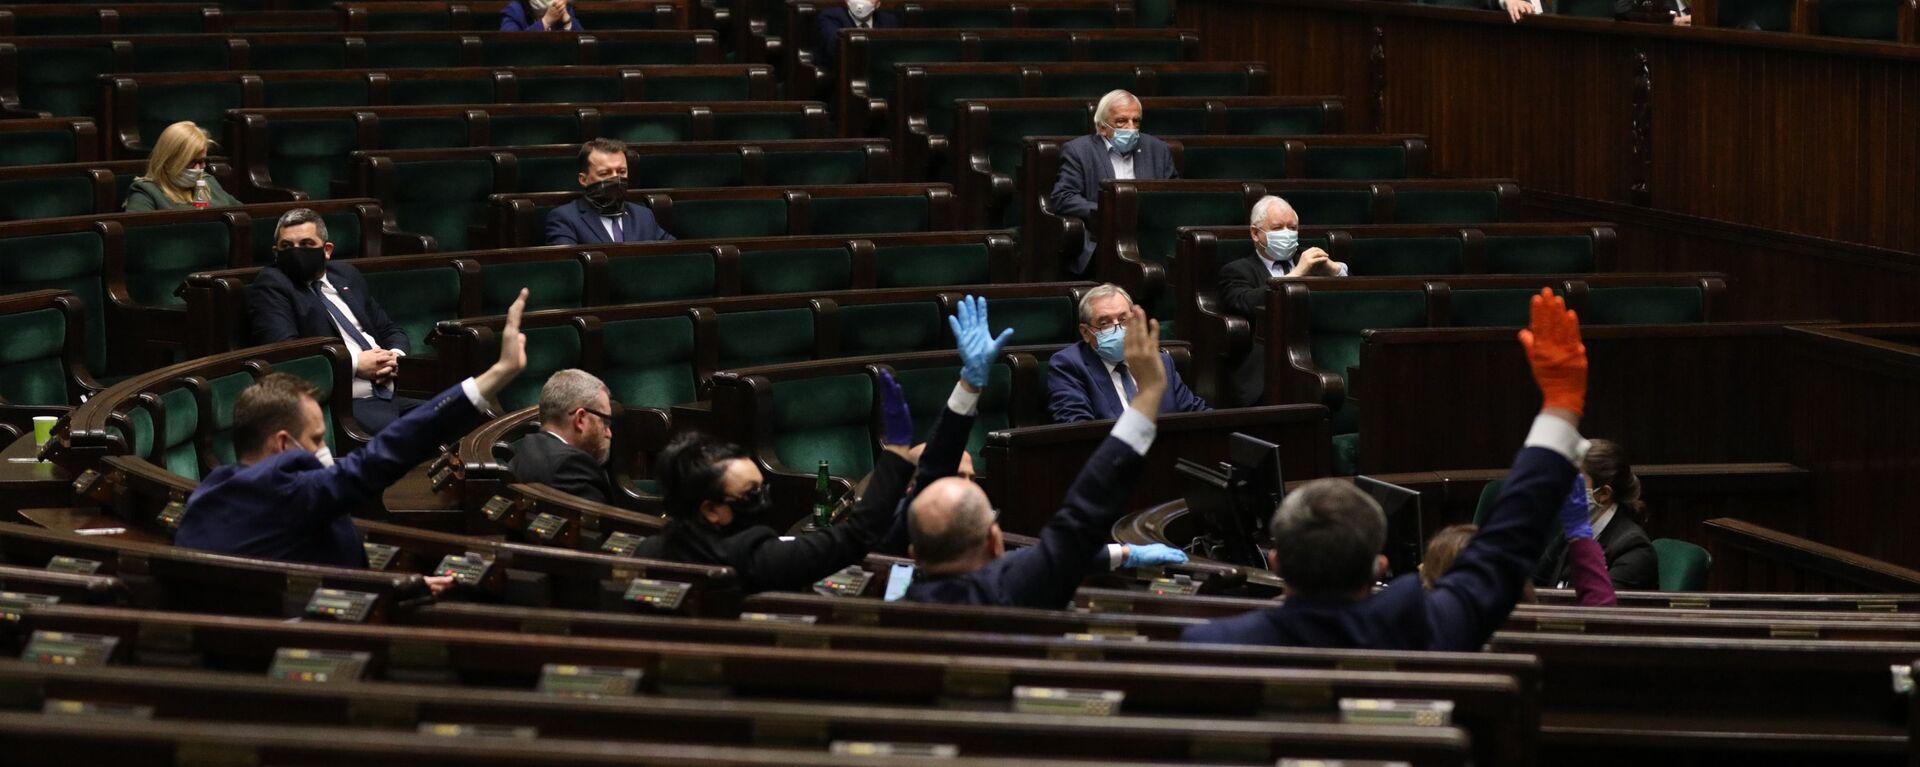 Głosowanie nad poprawkami do tarczy antykryzysowej, 16/17 kwietnia 2020 - Sputnik Polska, 1920, 07.05.2021